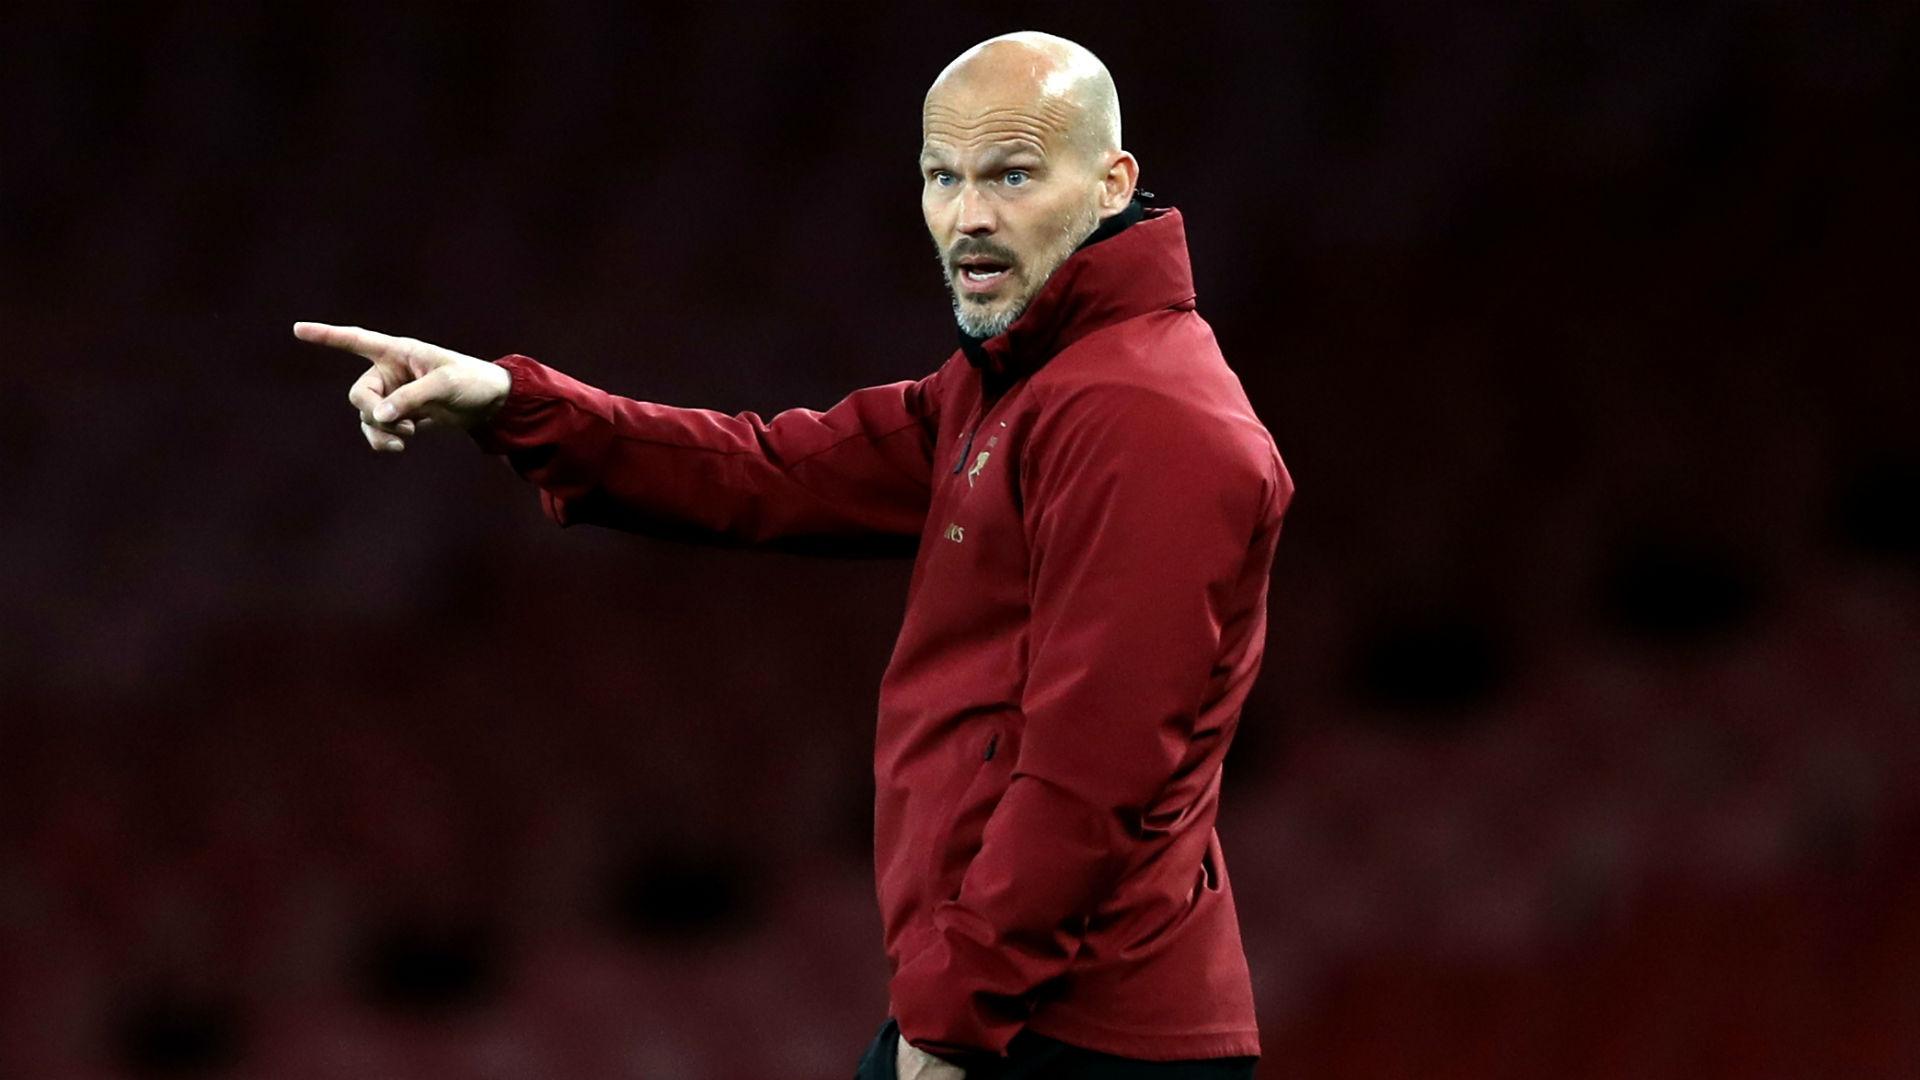 Gestión del hombre, formaciones y unidad: lo que el Arsenal puede esperar de Ljungberg 2